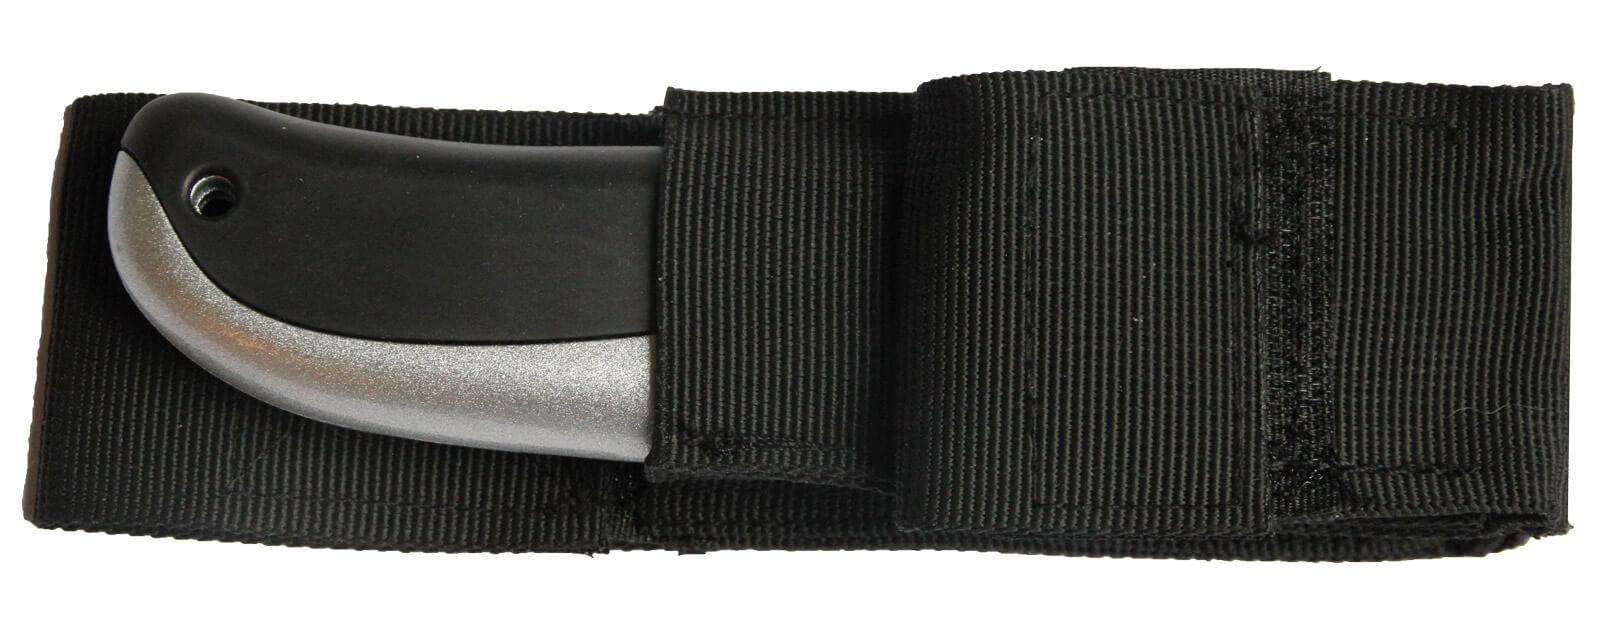 Z005-Gürteltasche-Holster-Universalmessertasche-aus-Nylon-hier-mit-Sicherheitsmesser-extra-sicher-U004-CURt-tools